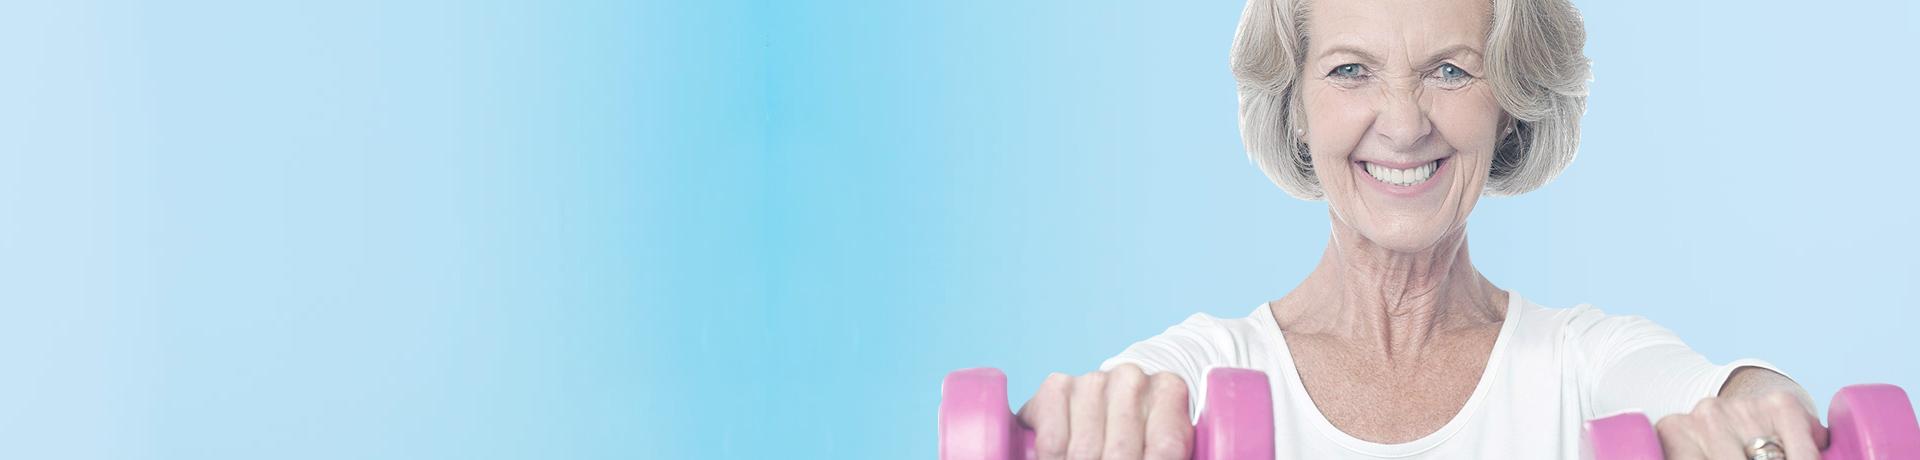 endocrino-monicacabral_especialidade-osteoporose